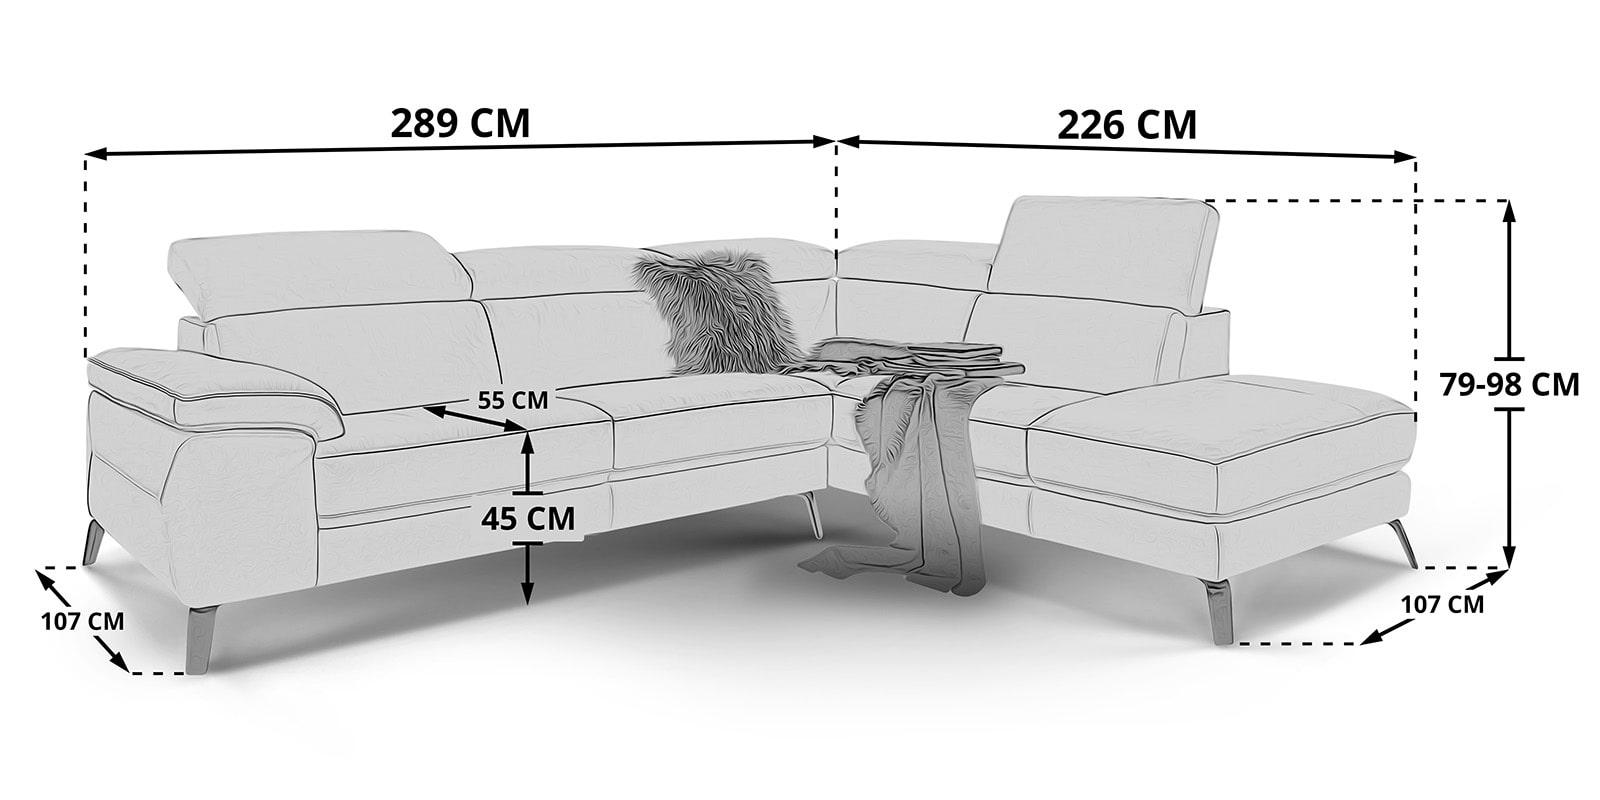 Moebella24 - Ecksofa - Gusti - Skizze - Maße - Leder - Standard - Verstellbare - Kopfstützen -